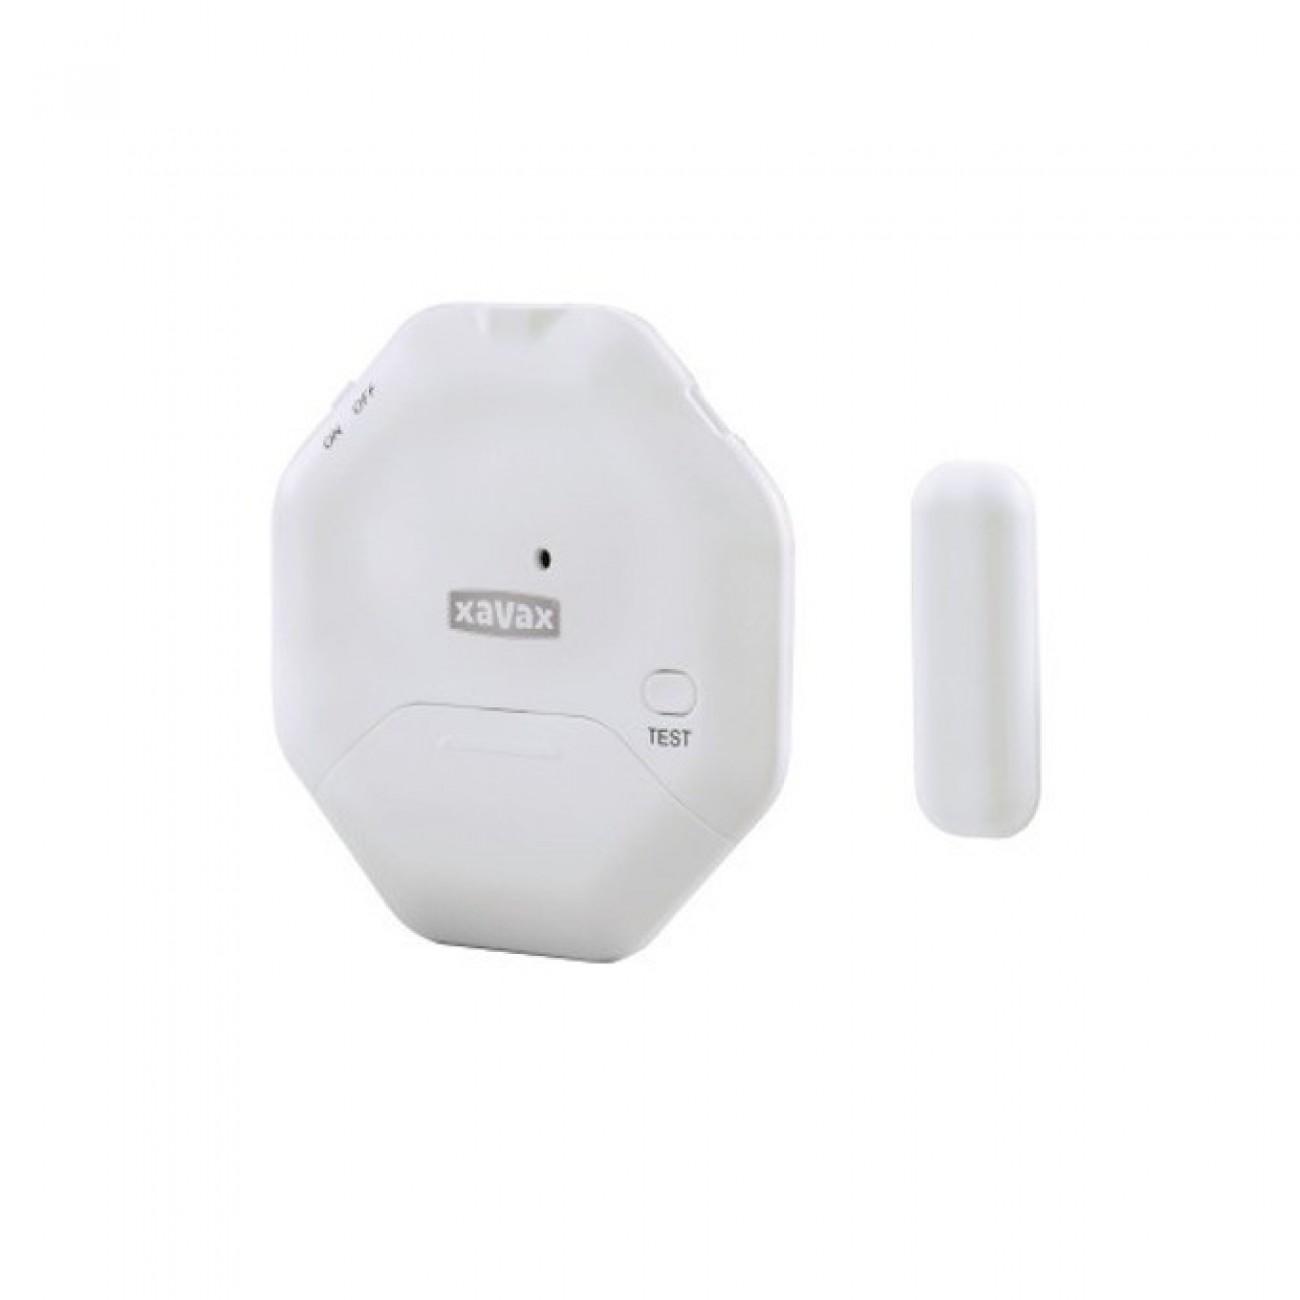 Сензор Xavax 111985, за врата/прозорец, плосък, тънък дизайн, 95 децибела в Друга Електроника за дома -  | Alleop